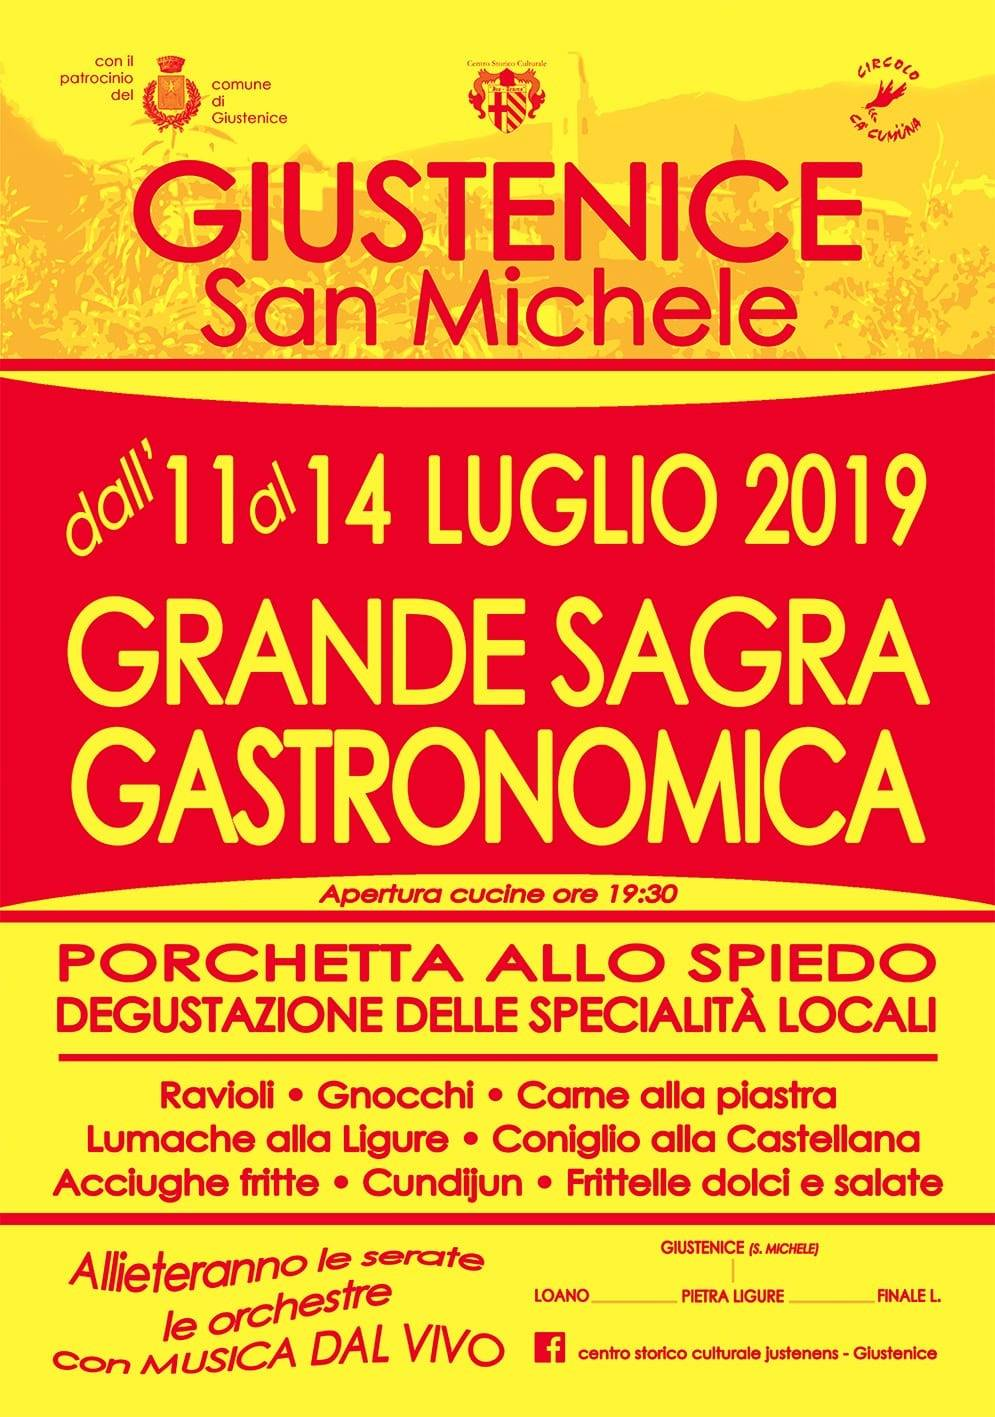 Grande Sagra Gastronomica di Giustenice 2019